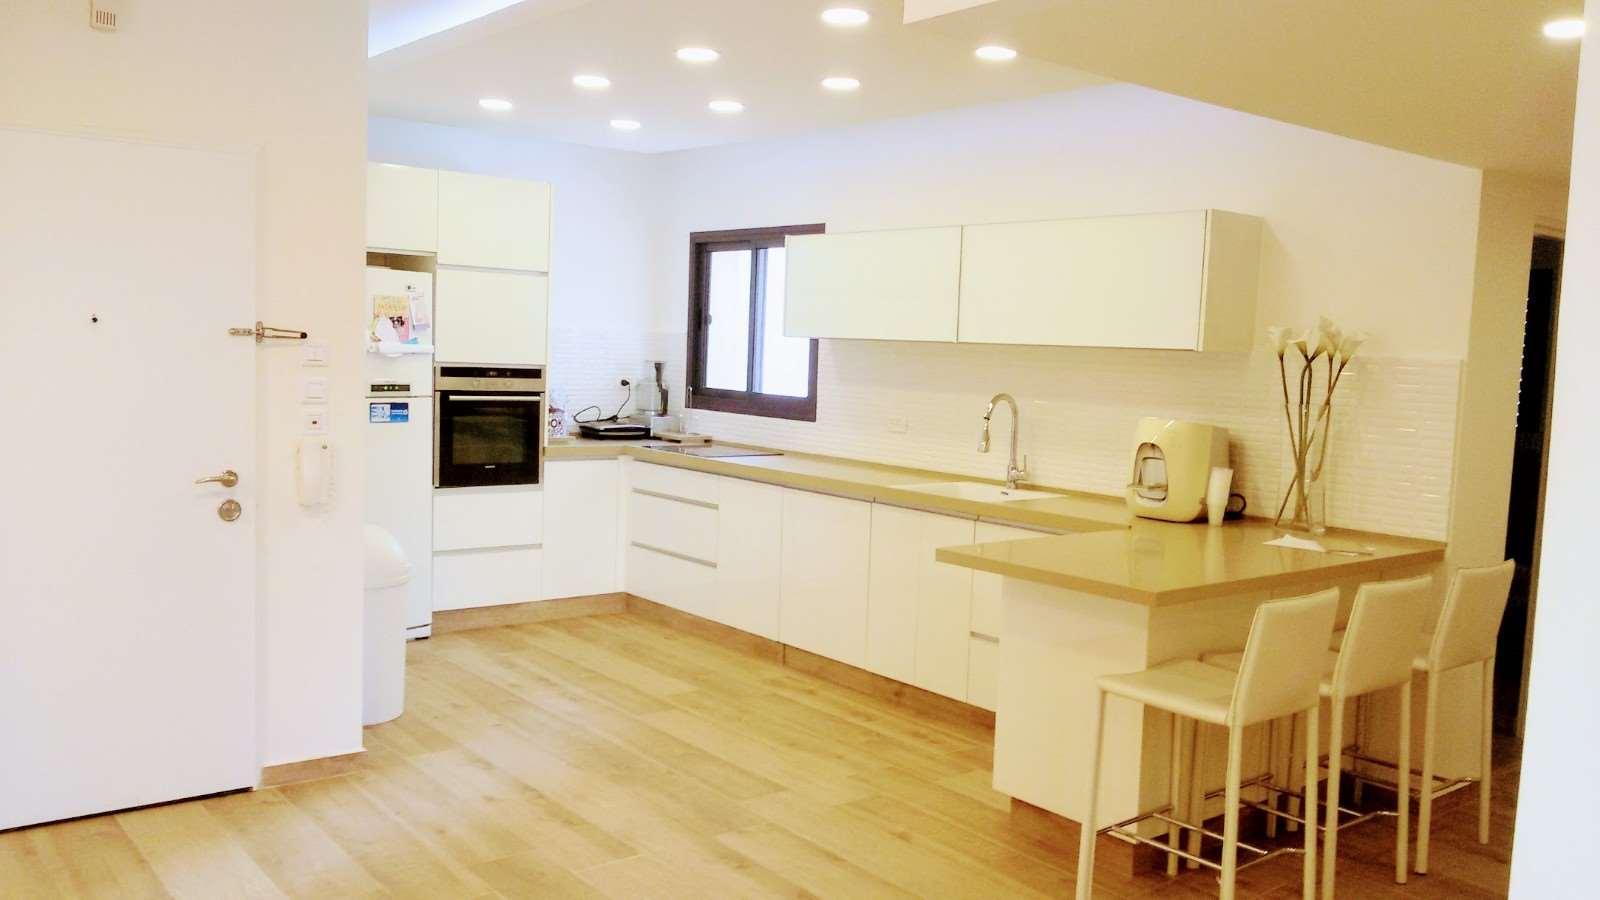 דירה למכירה 4 חדרים באשקלון העונות נווה הדרים